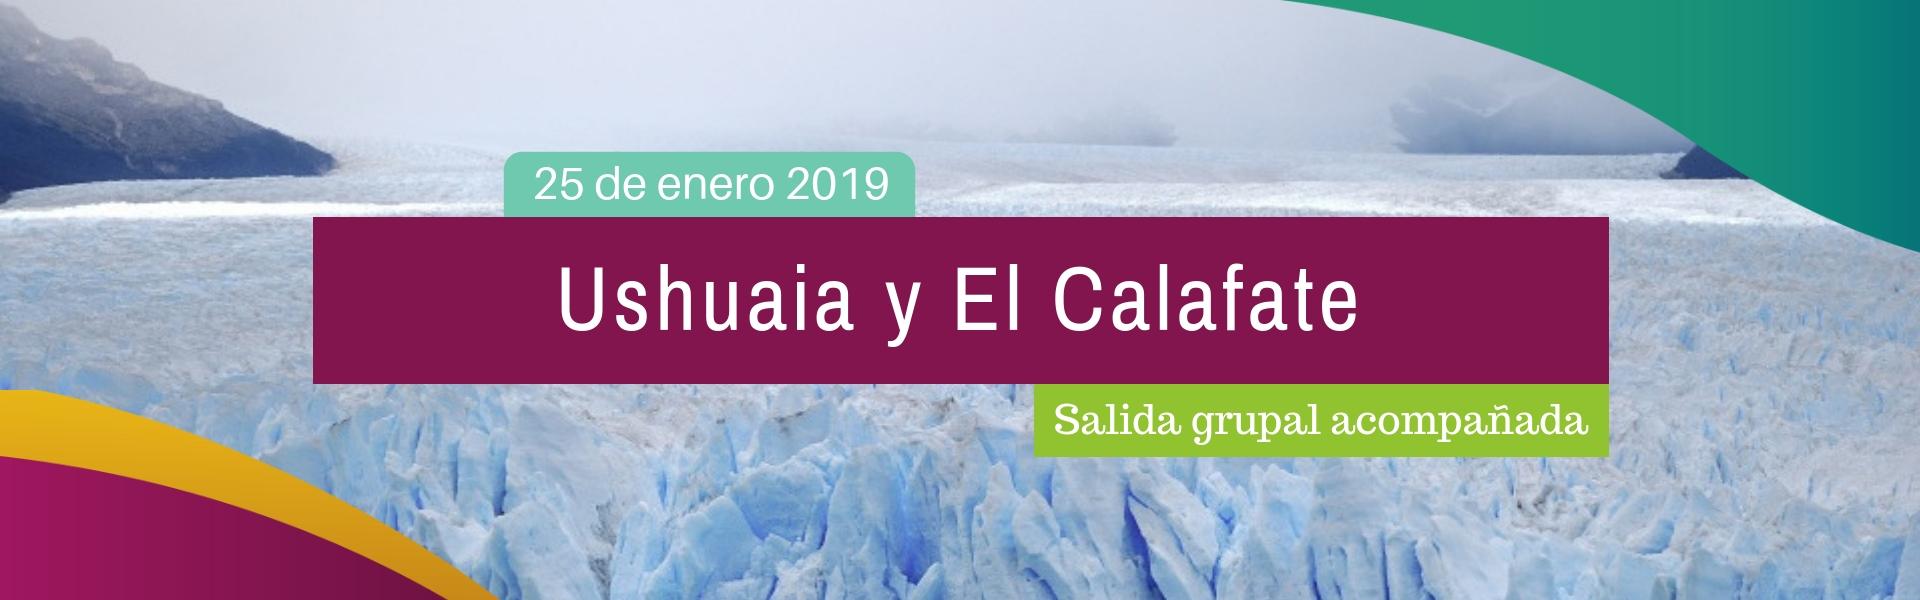 El Calafate + Ushuaia